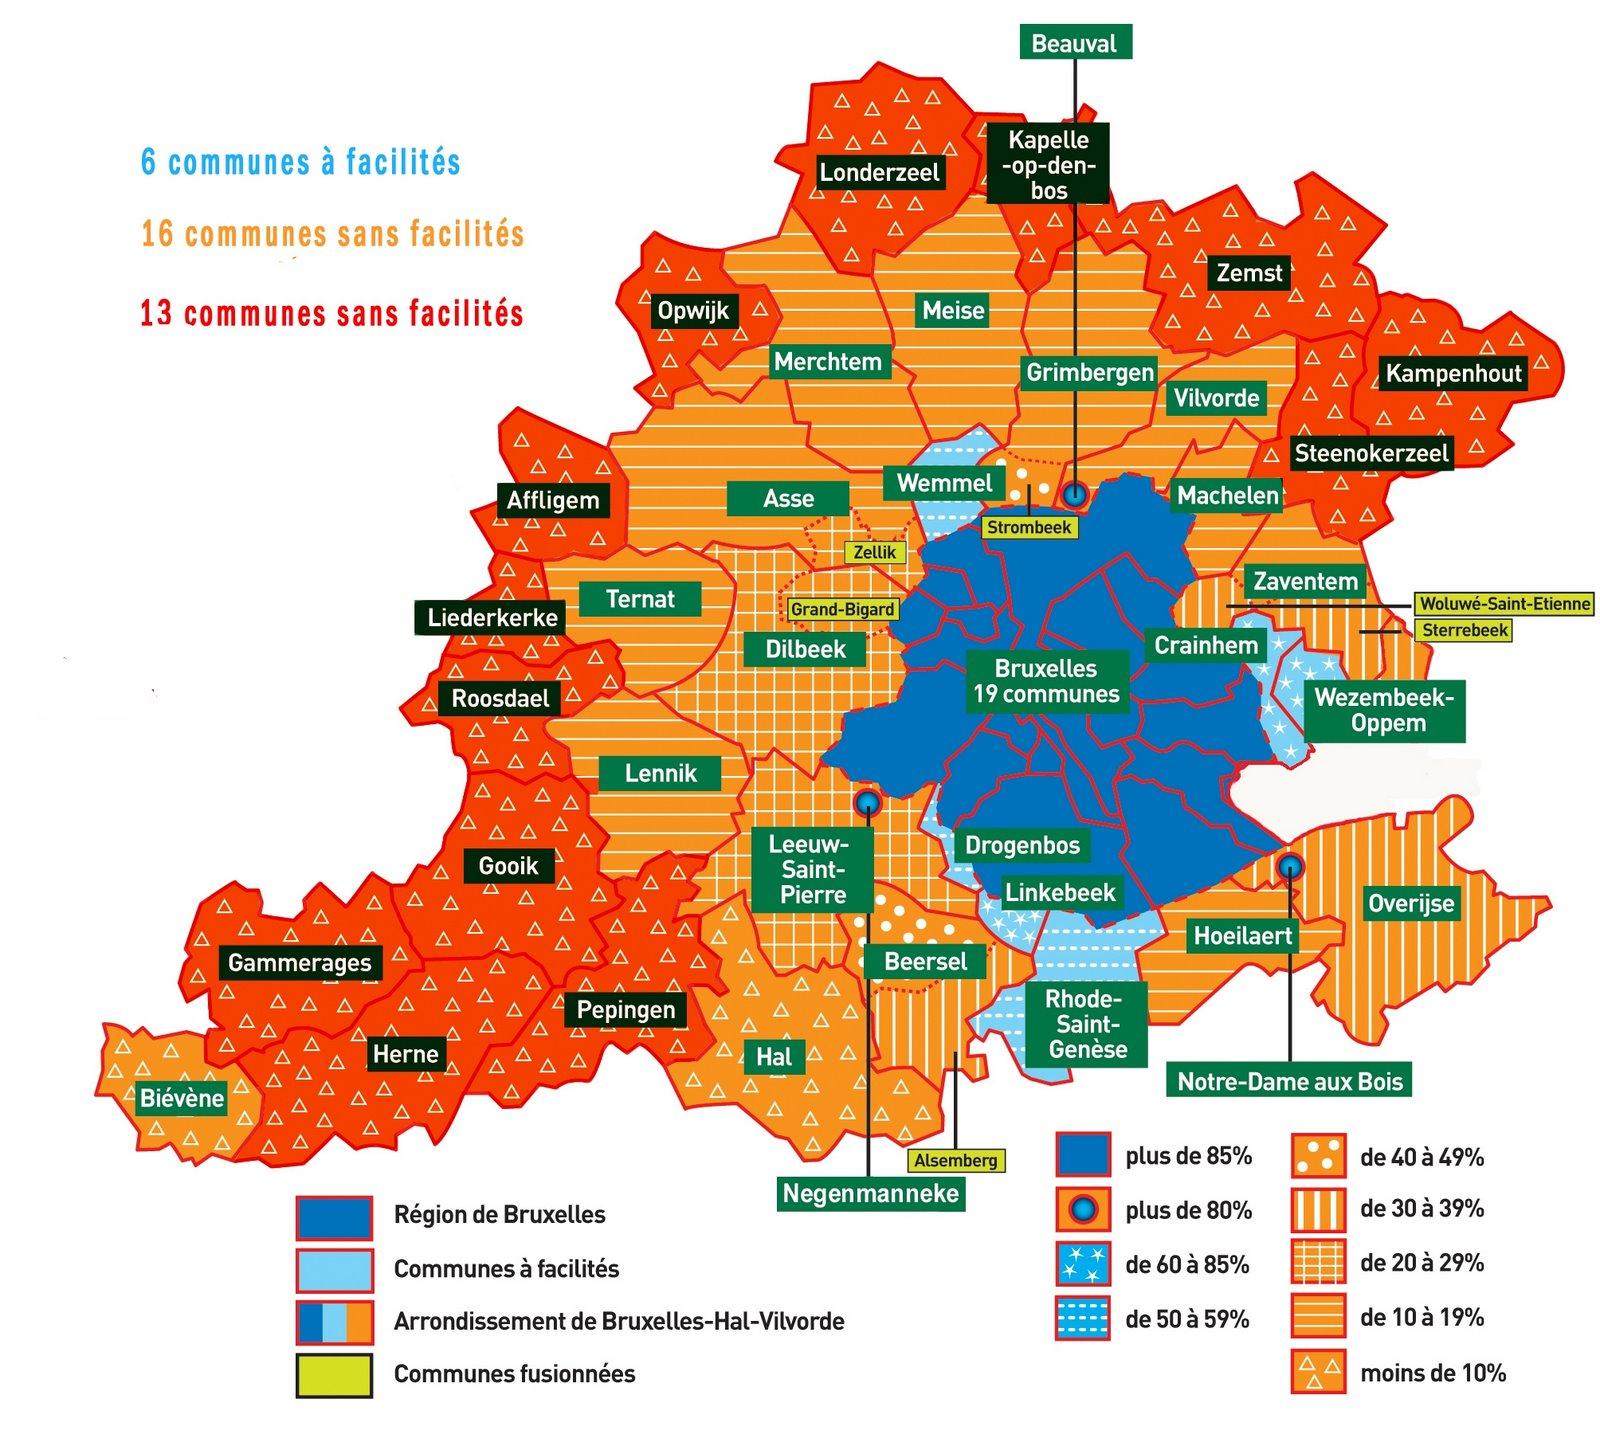 Cartes de scénarios en cas de scission de la Belgique. Carte%2BBHV%2Bcopie2